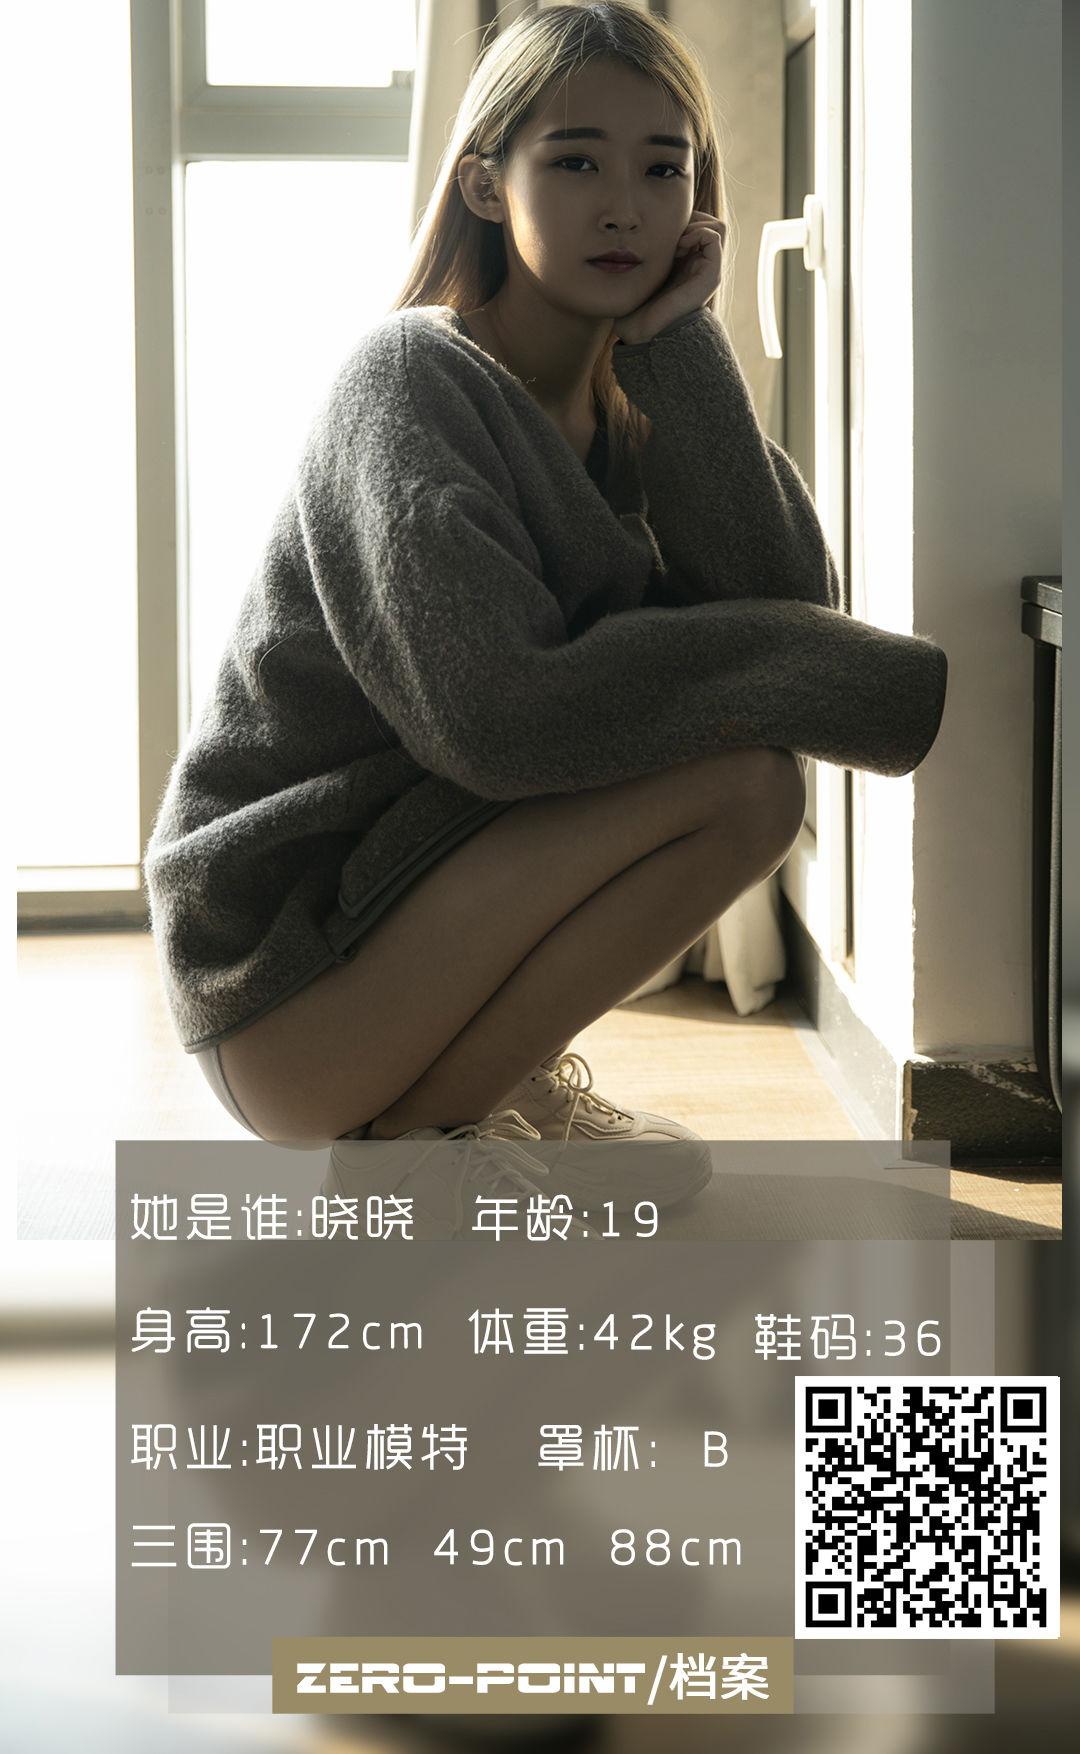 VOL.1212 [LD零度]美腿:晓晓超高清写真套图(39P)